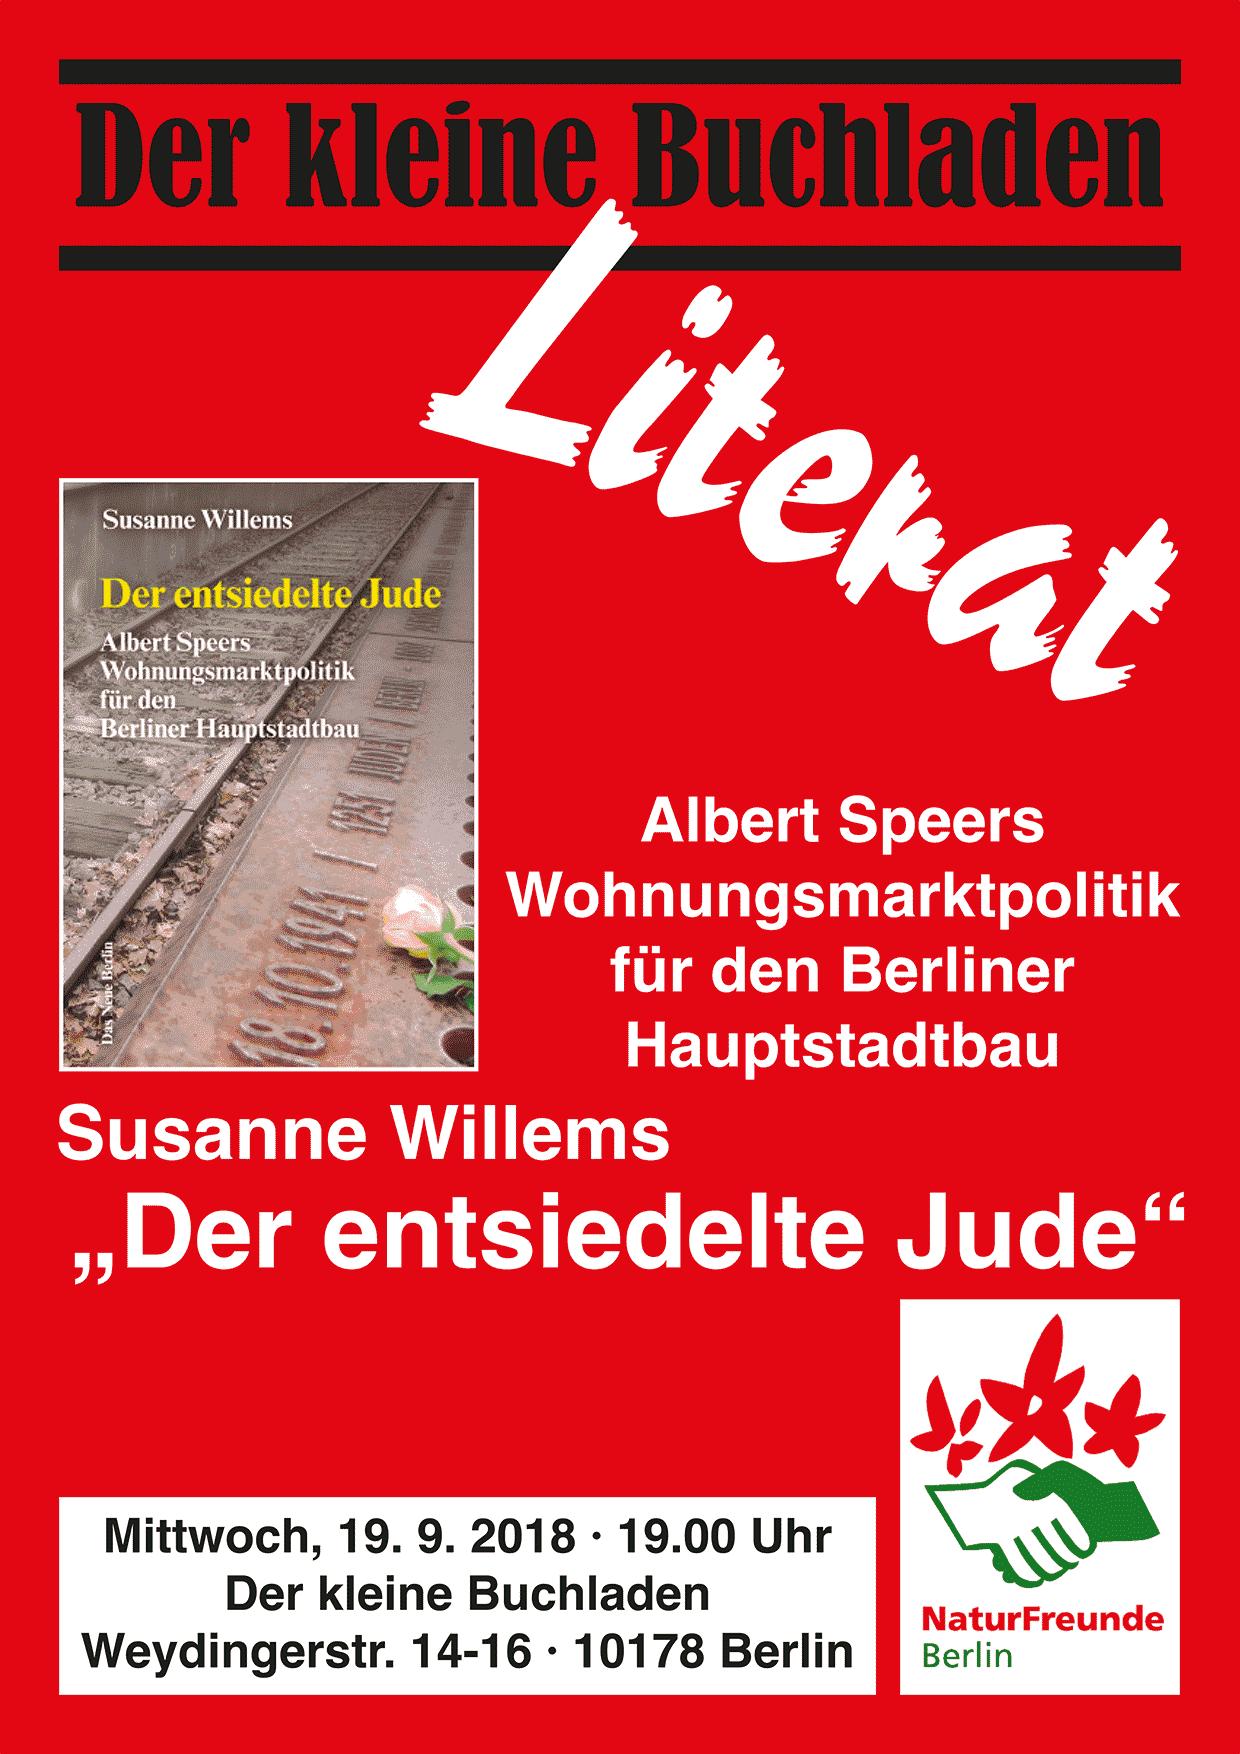 Susanne Willems, »Der entsiedelte Jude«, 19.9. 19 Uhr